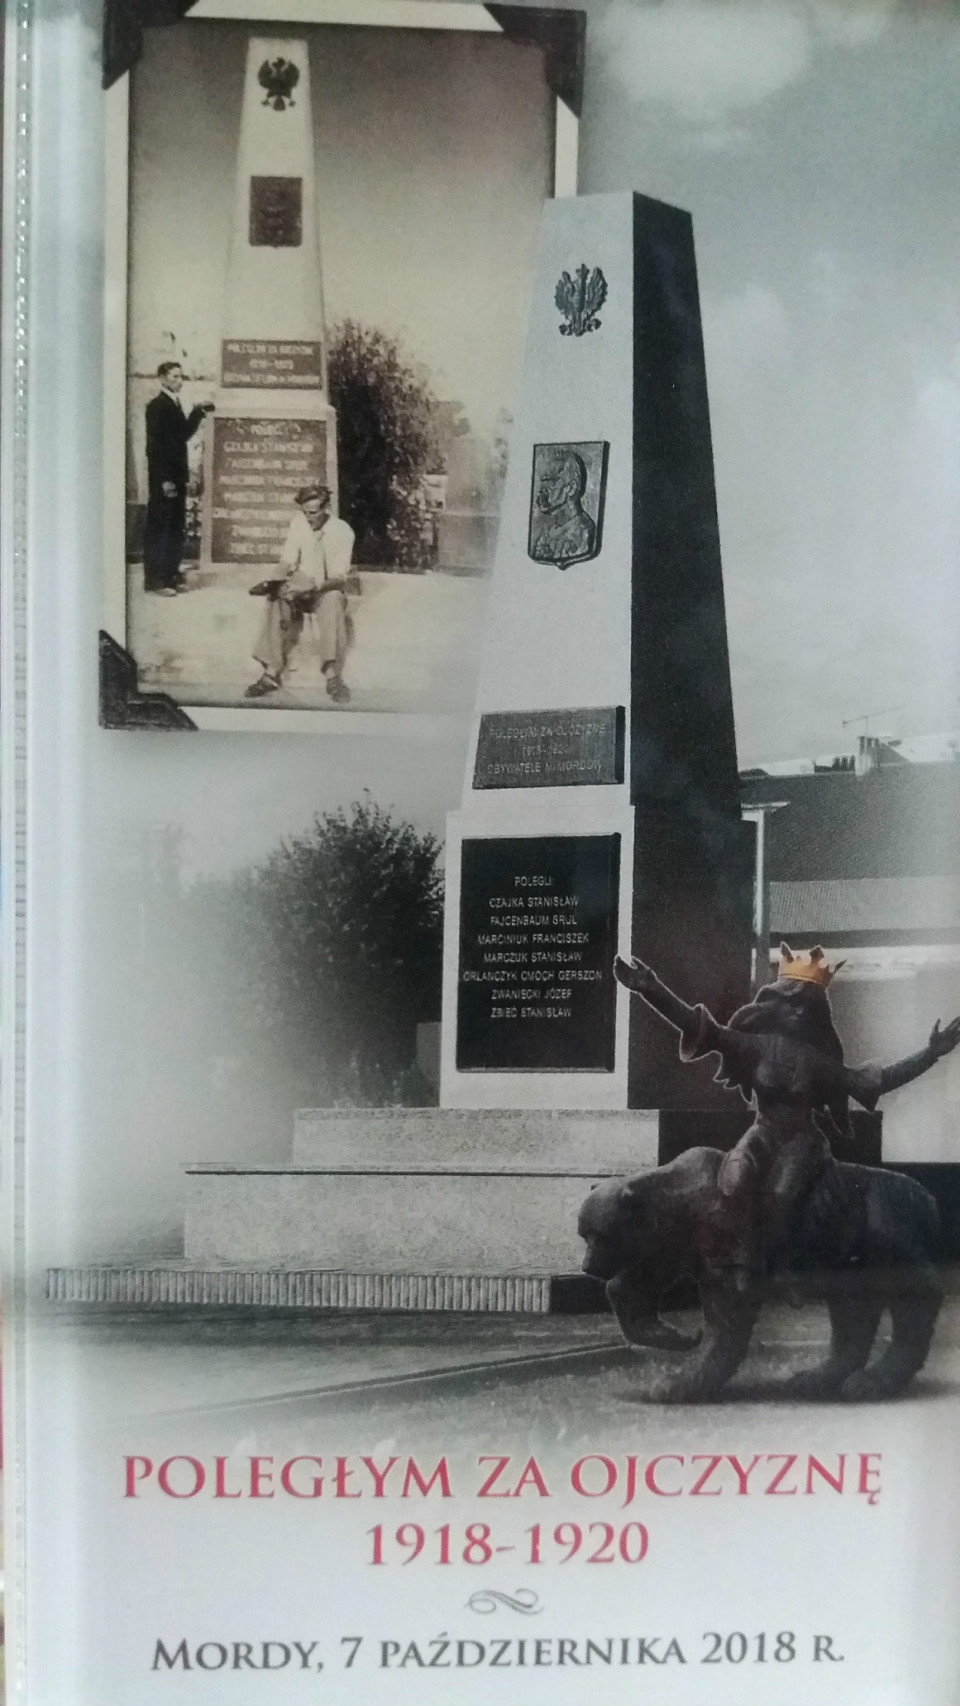 Statuetka upamiętniająca wydarzenie